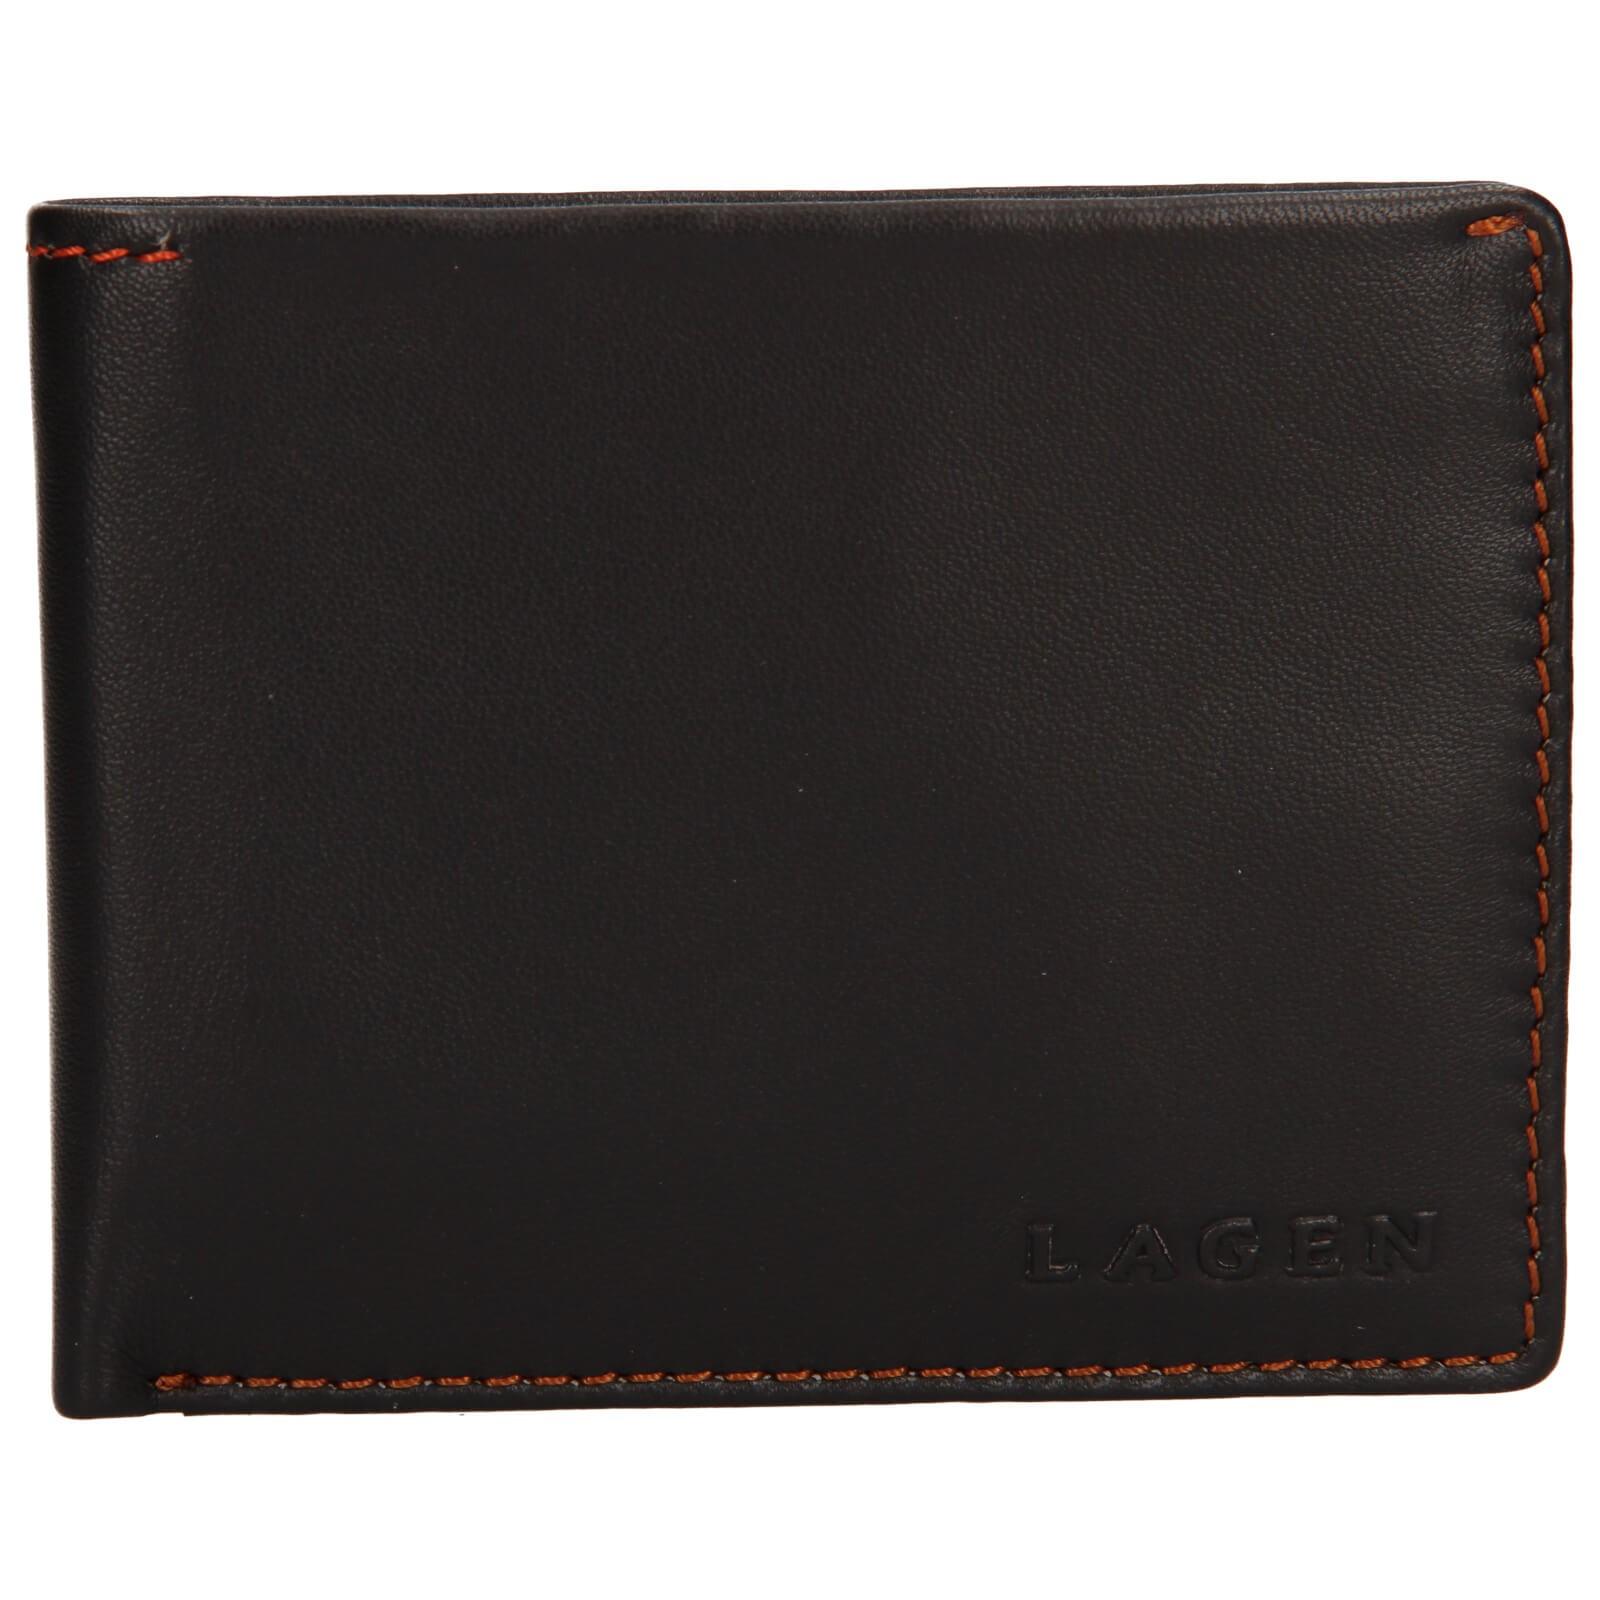 Pánska kožená peňaženka Lagen Luket - hnedá